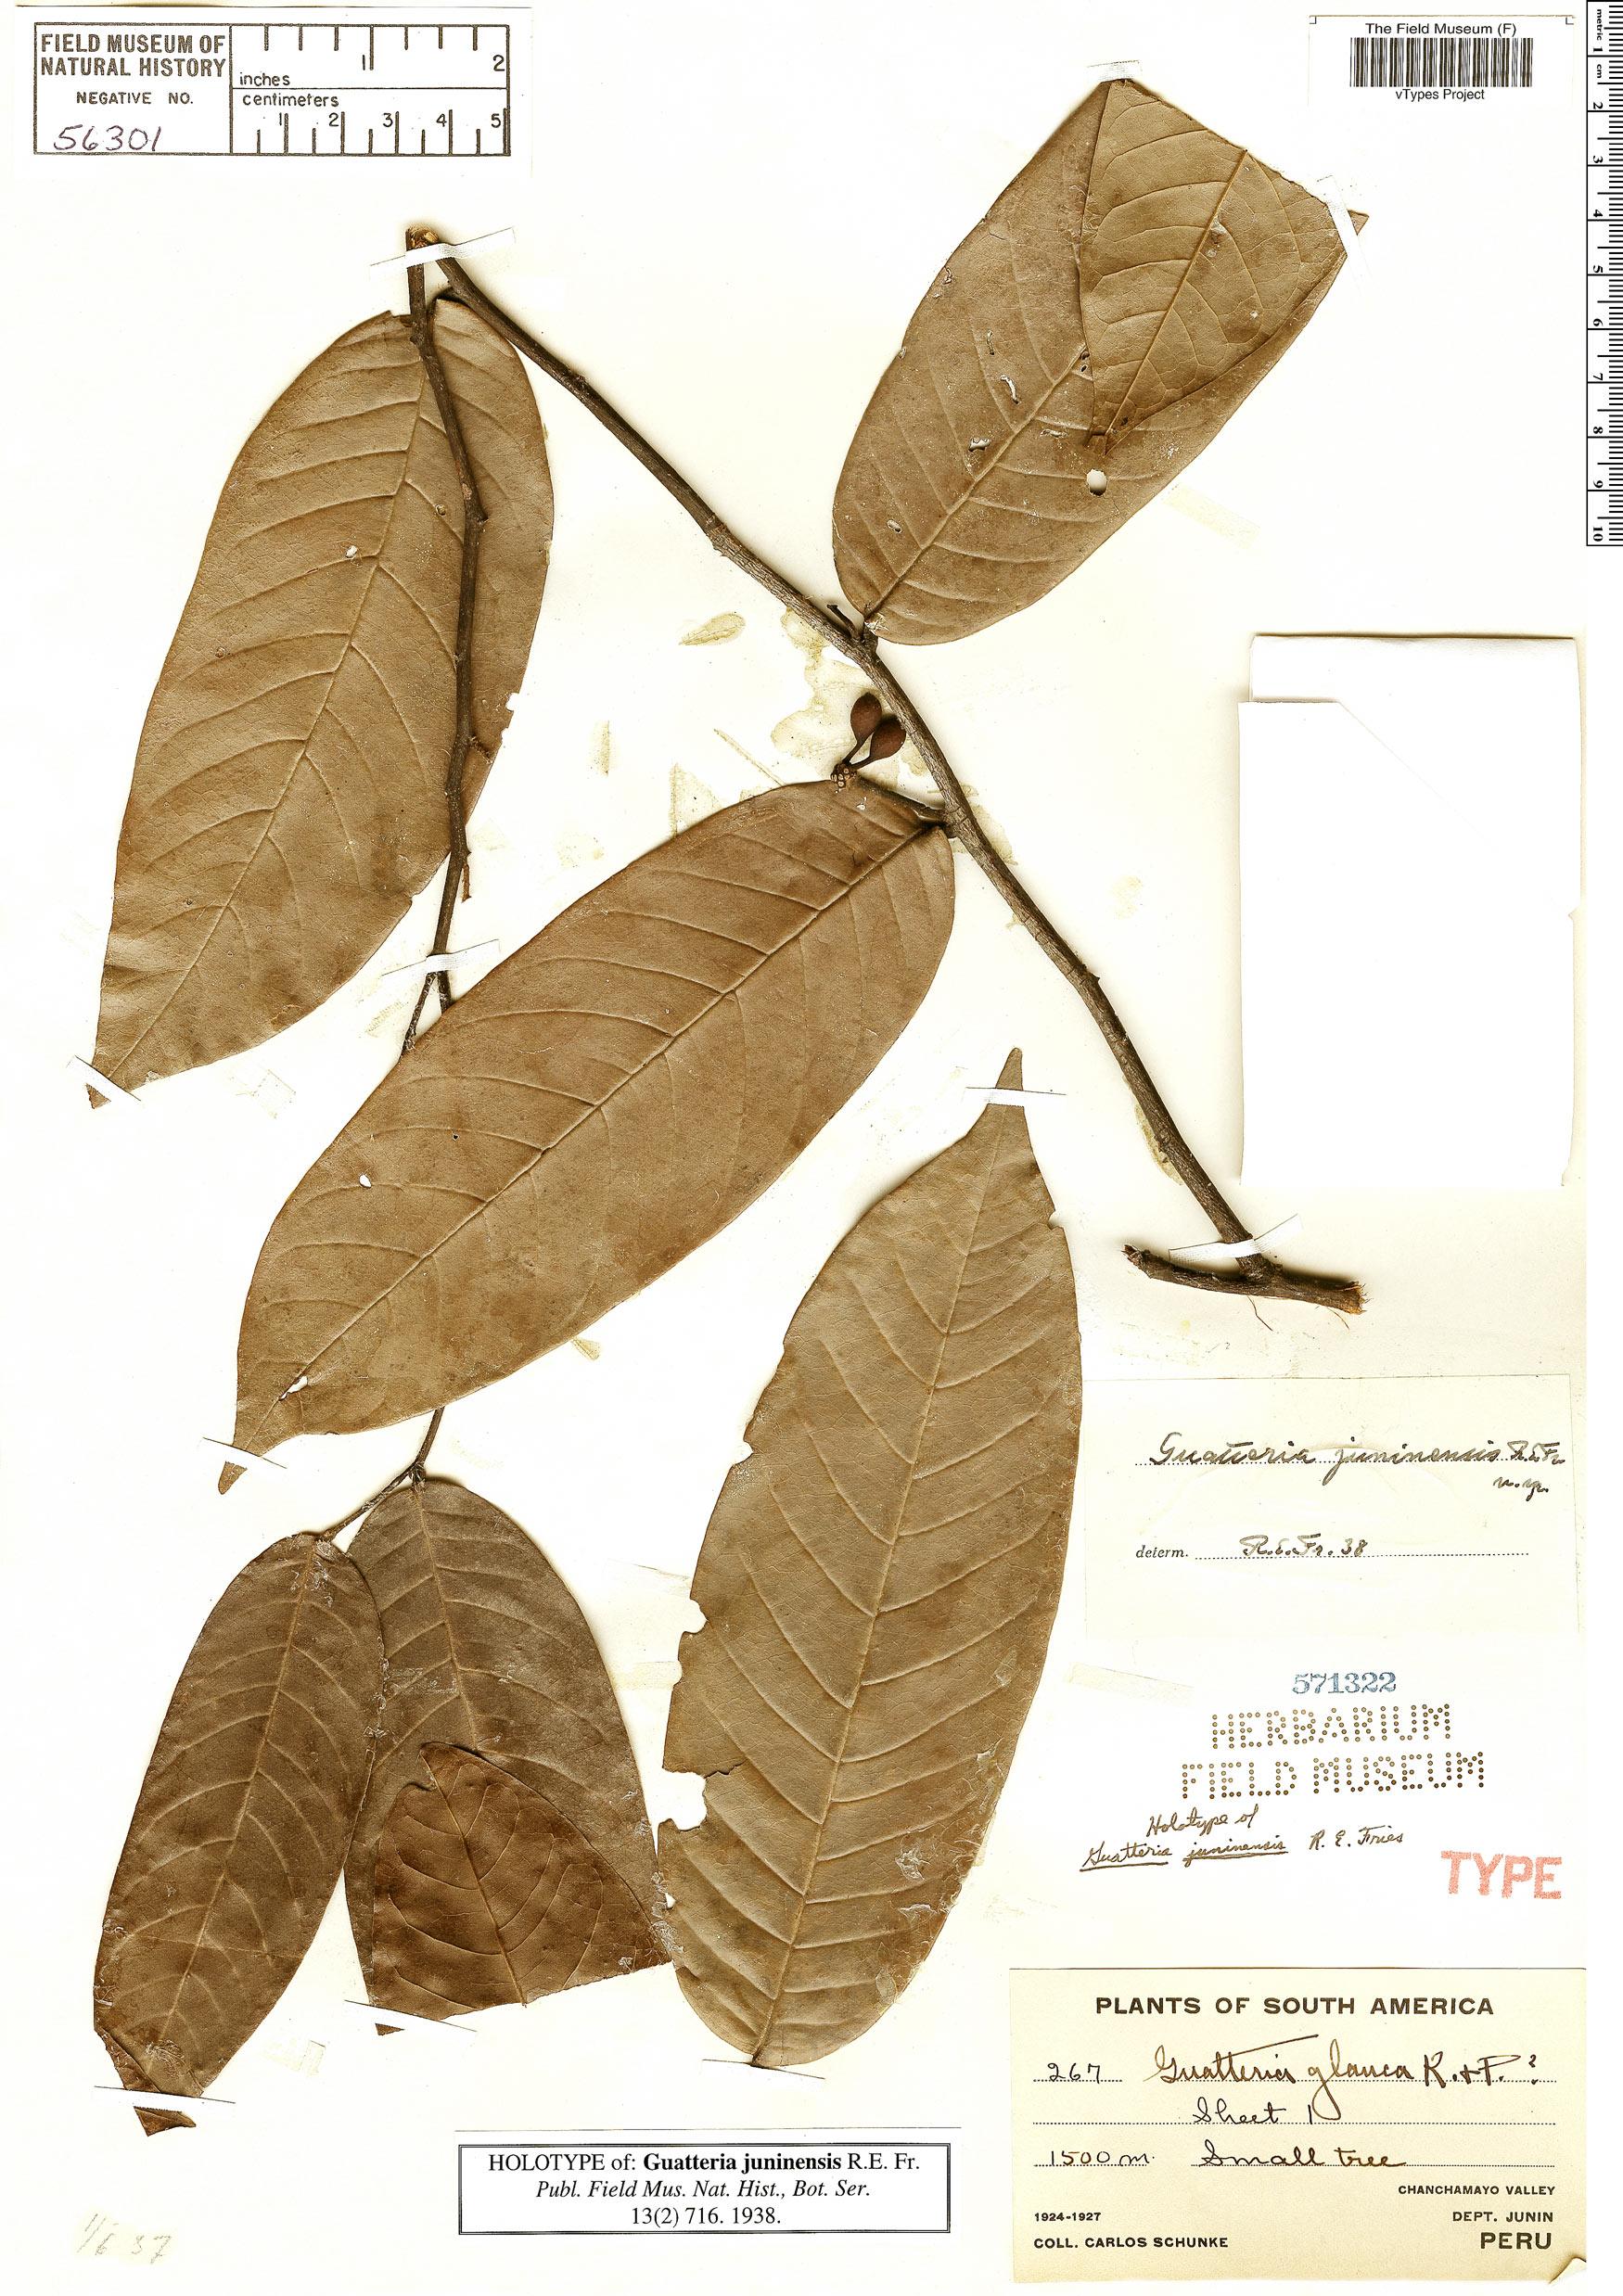 Specimen: Guatteria glauca